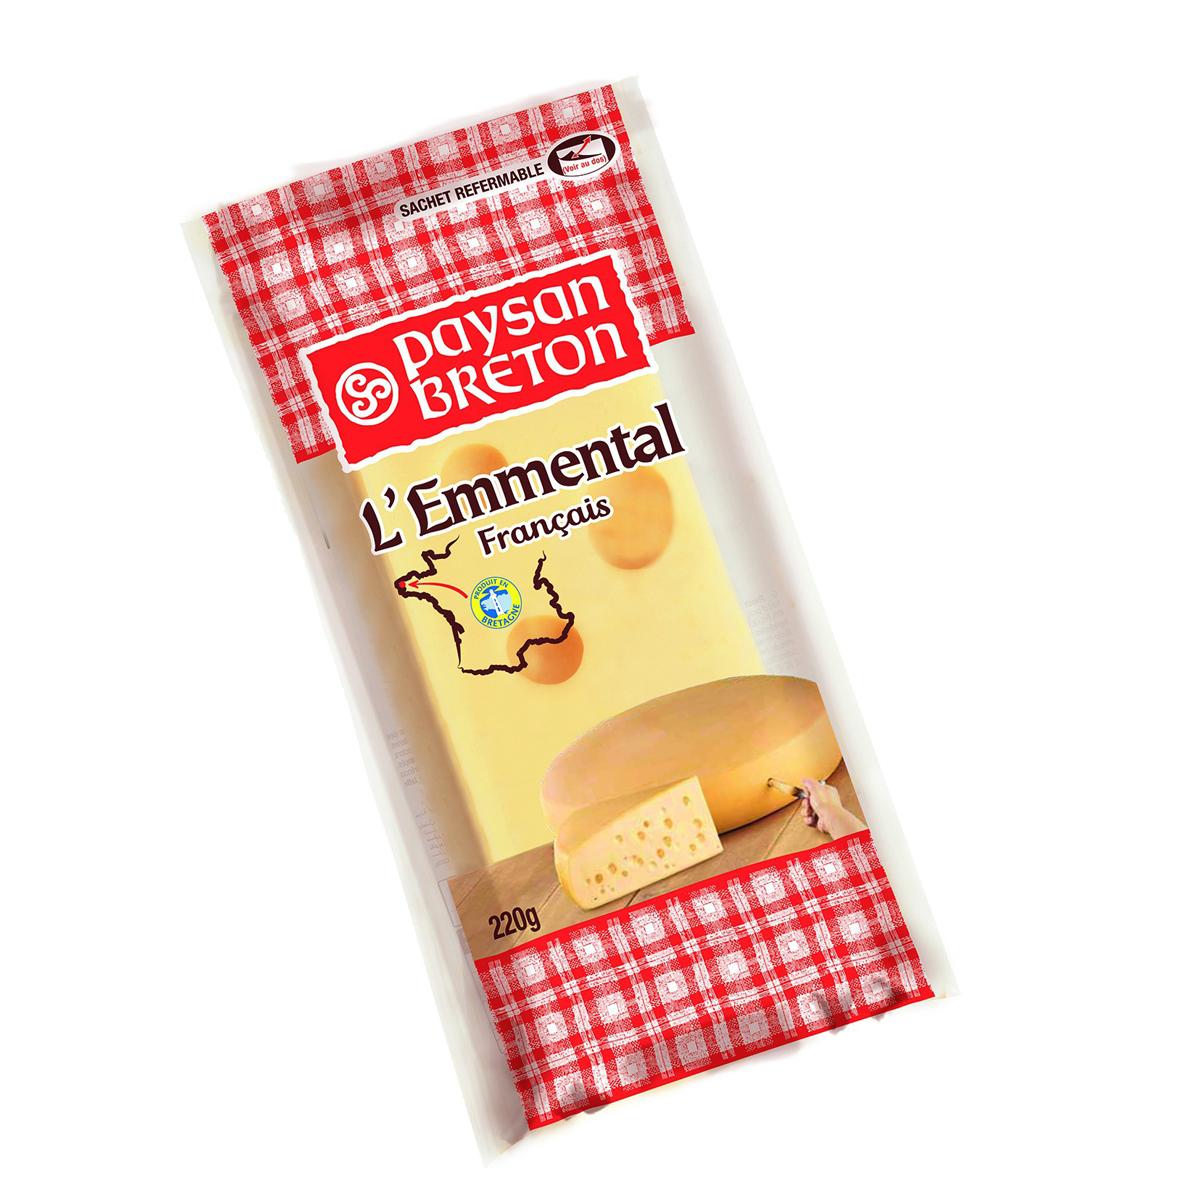 Cheese L'Emmental PB 220g - Phô mai L'Emmental PB 220g - Sản phẩm hữu cơ, nhập khẩu